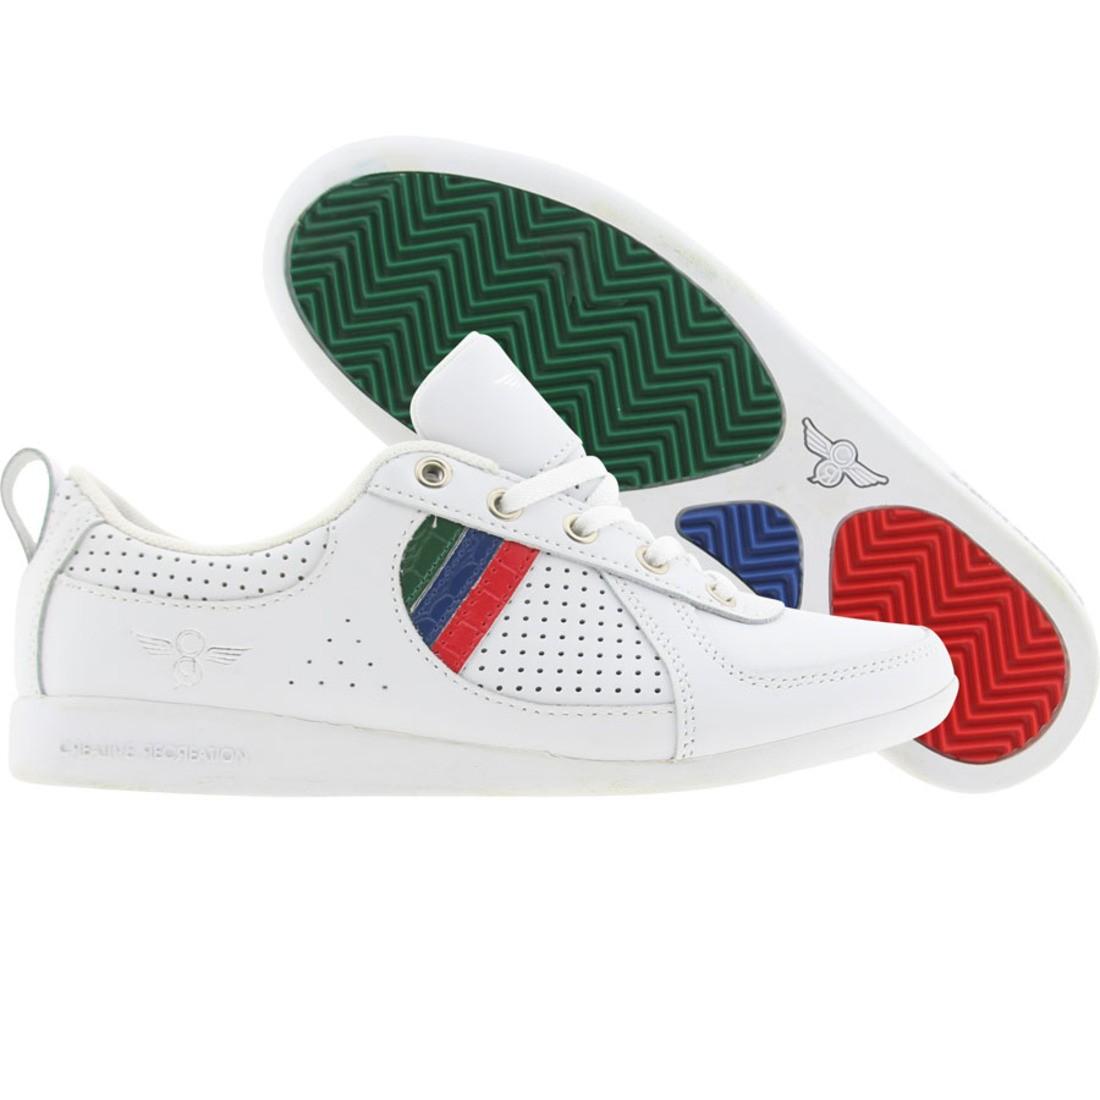 【海外限定】レディース 赤 レッド 青 ブルー 緑 グリーン 靴 レディース靴 【 RED BLUE GREEN CREATIVE RECREATION WOMENS GALOW WHITE CR 】